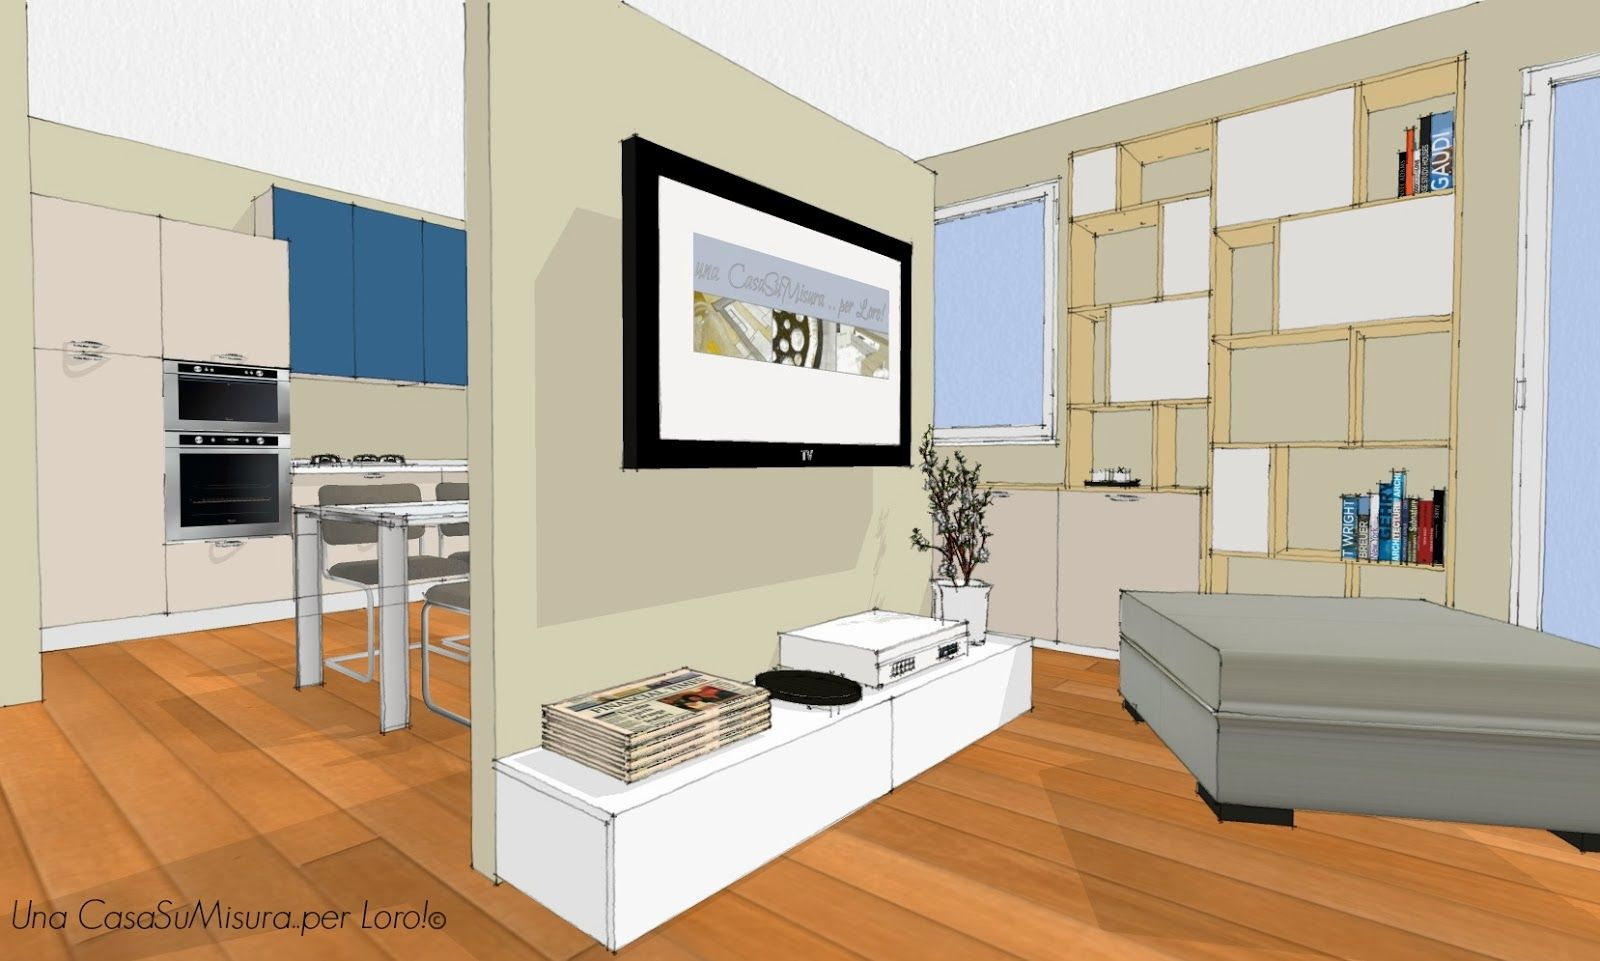 mobile divisorio cucina soggiorno - Cerca con Google | corten ...